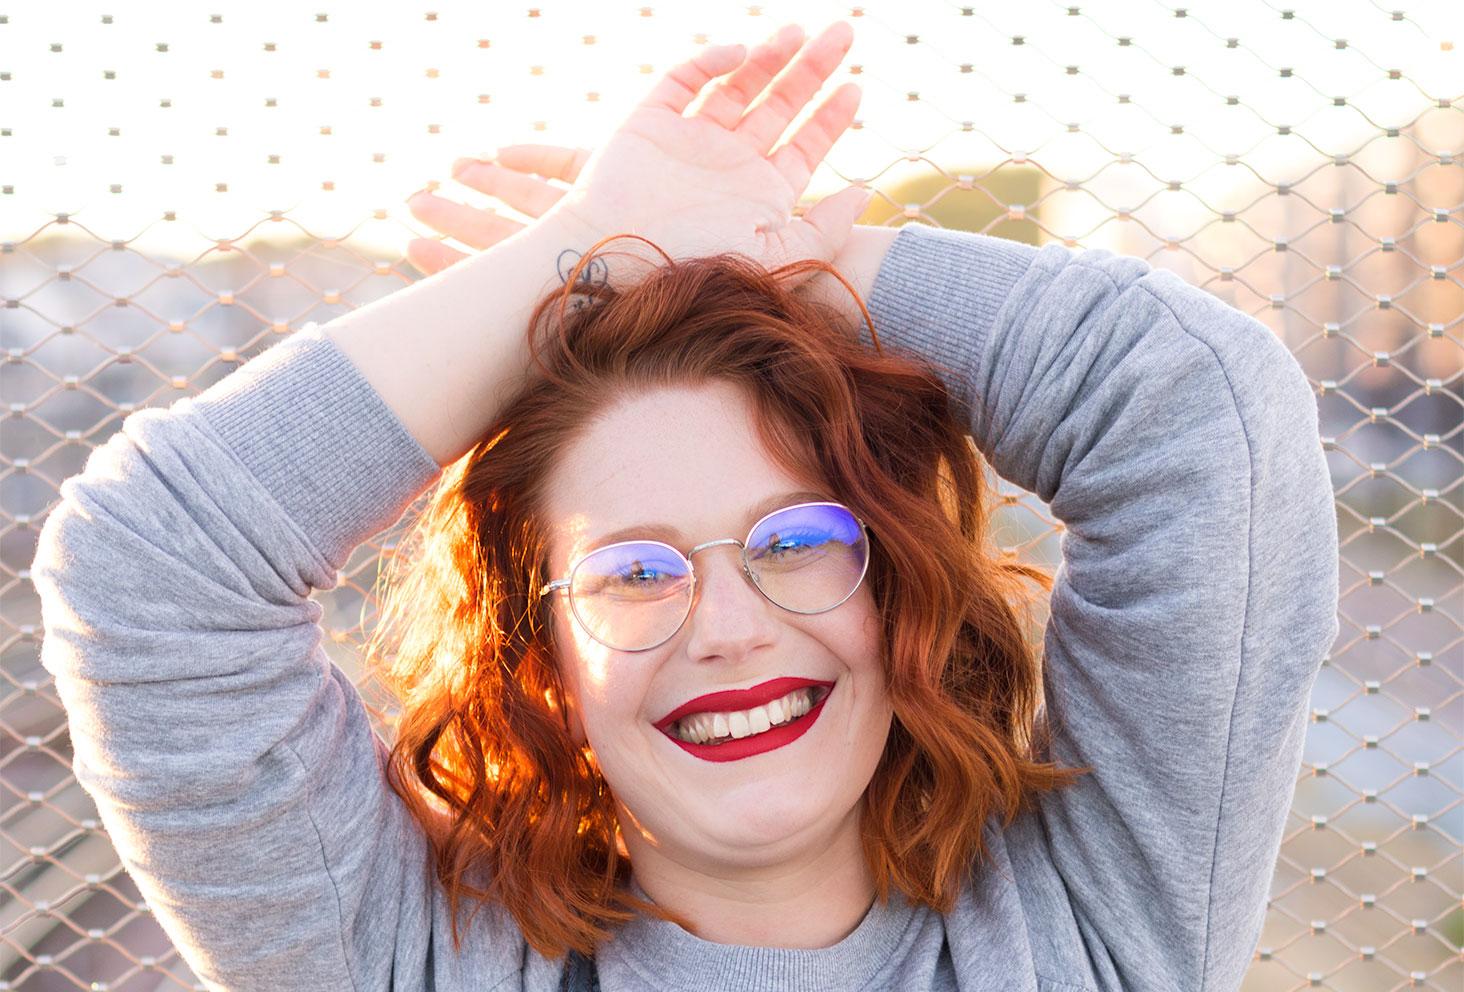 Portrait avec le sourire et les cheveux bouclés, les bras croisés derrière la tête